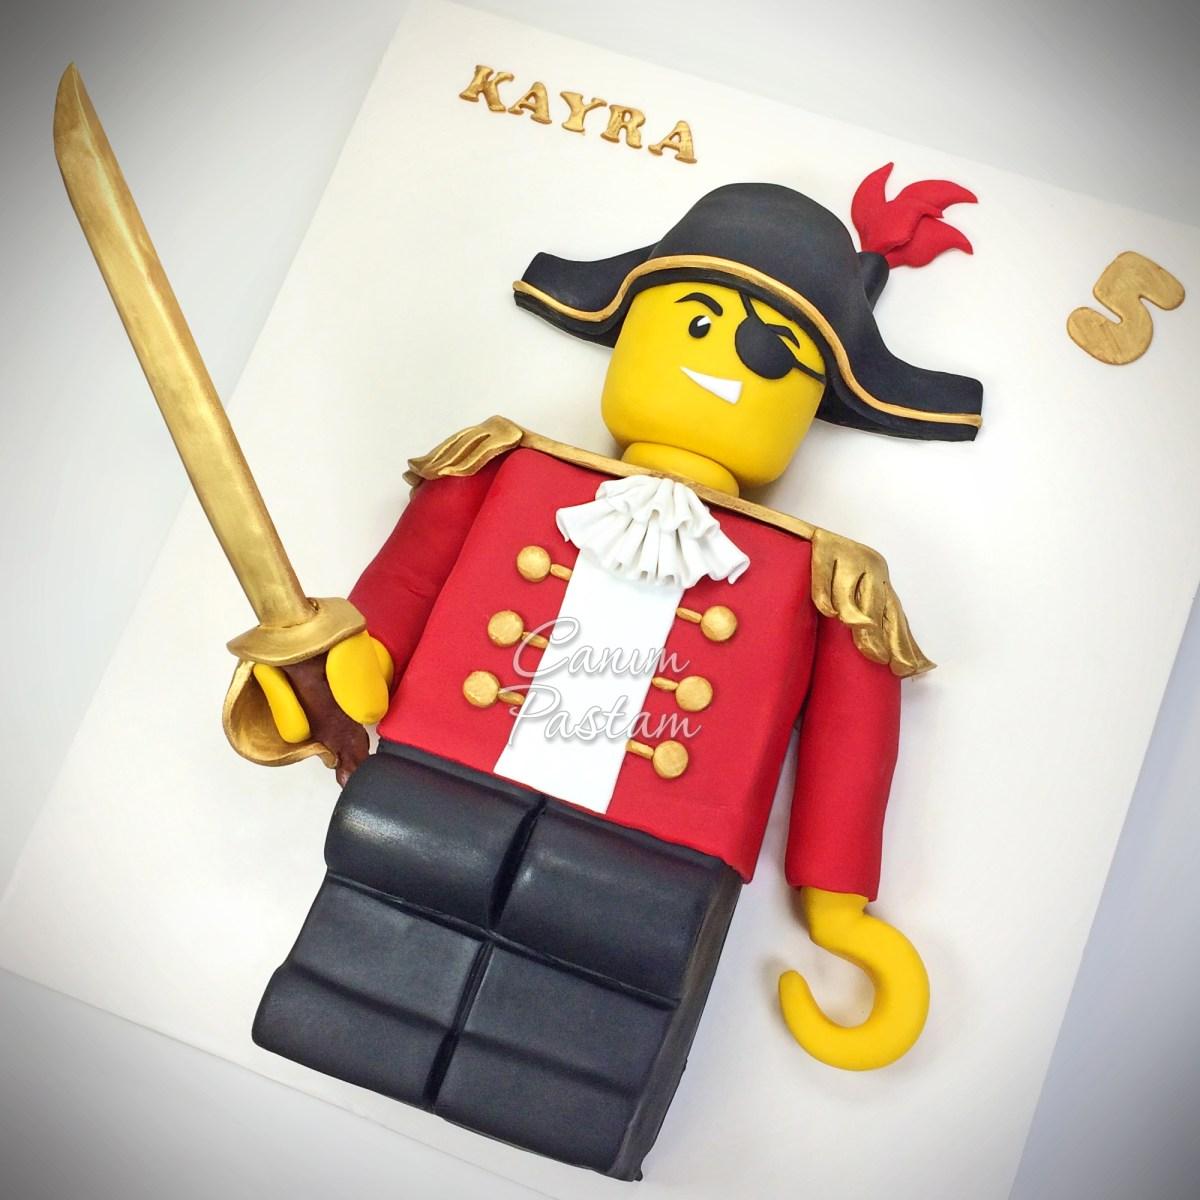 Lego aşkına :)